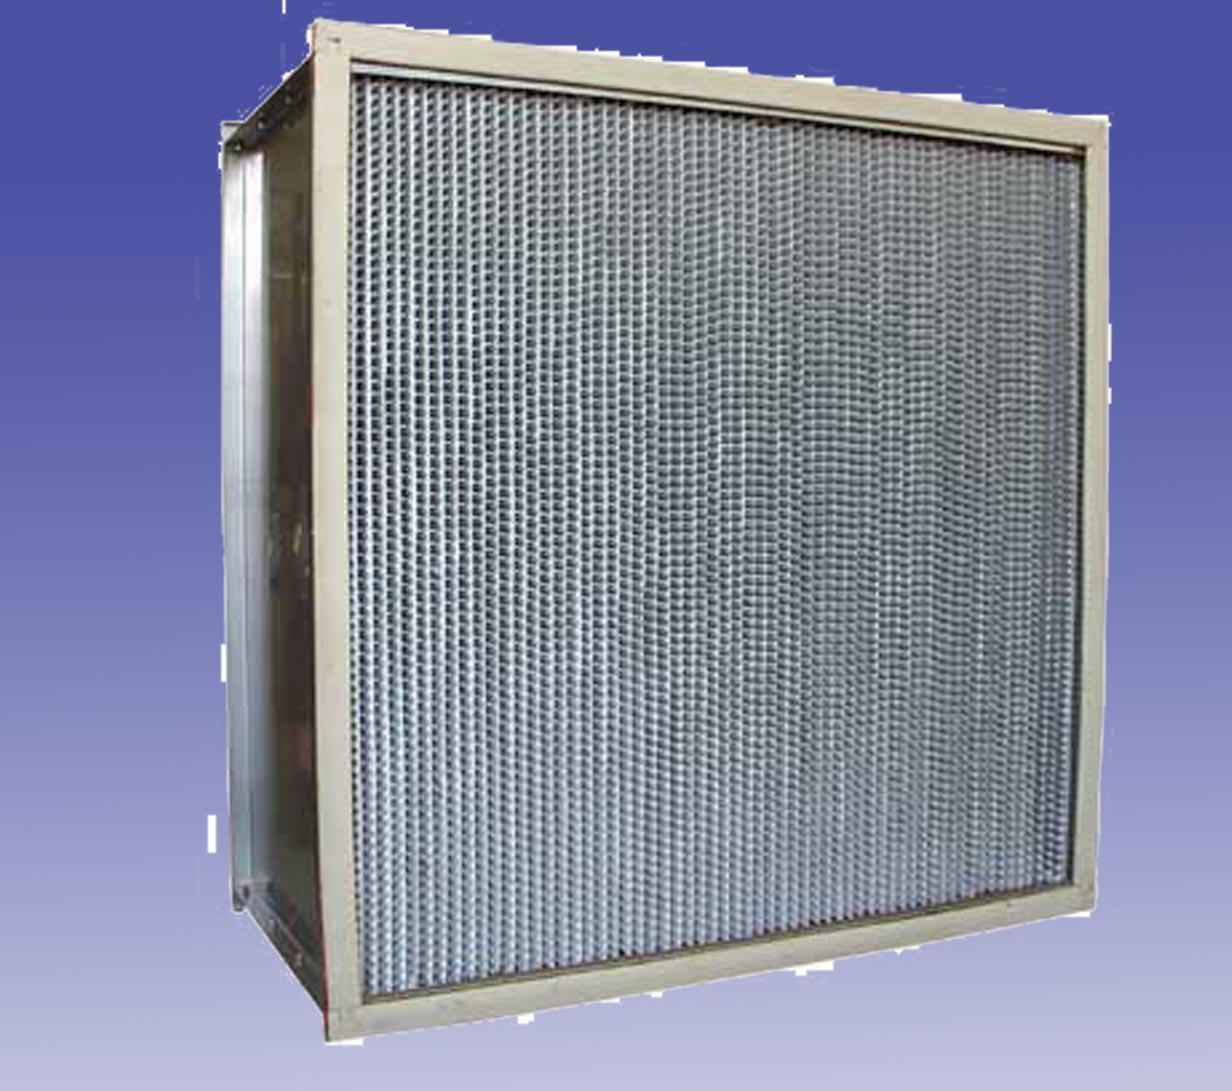 耐高湿高效过滤器 H13